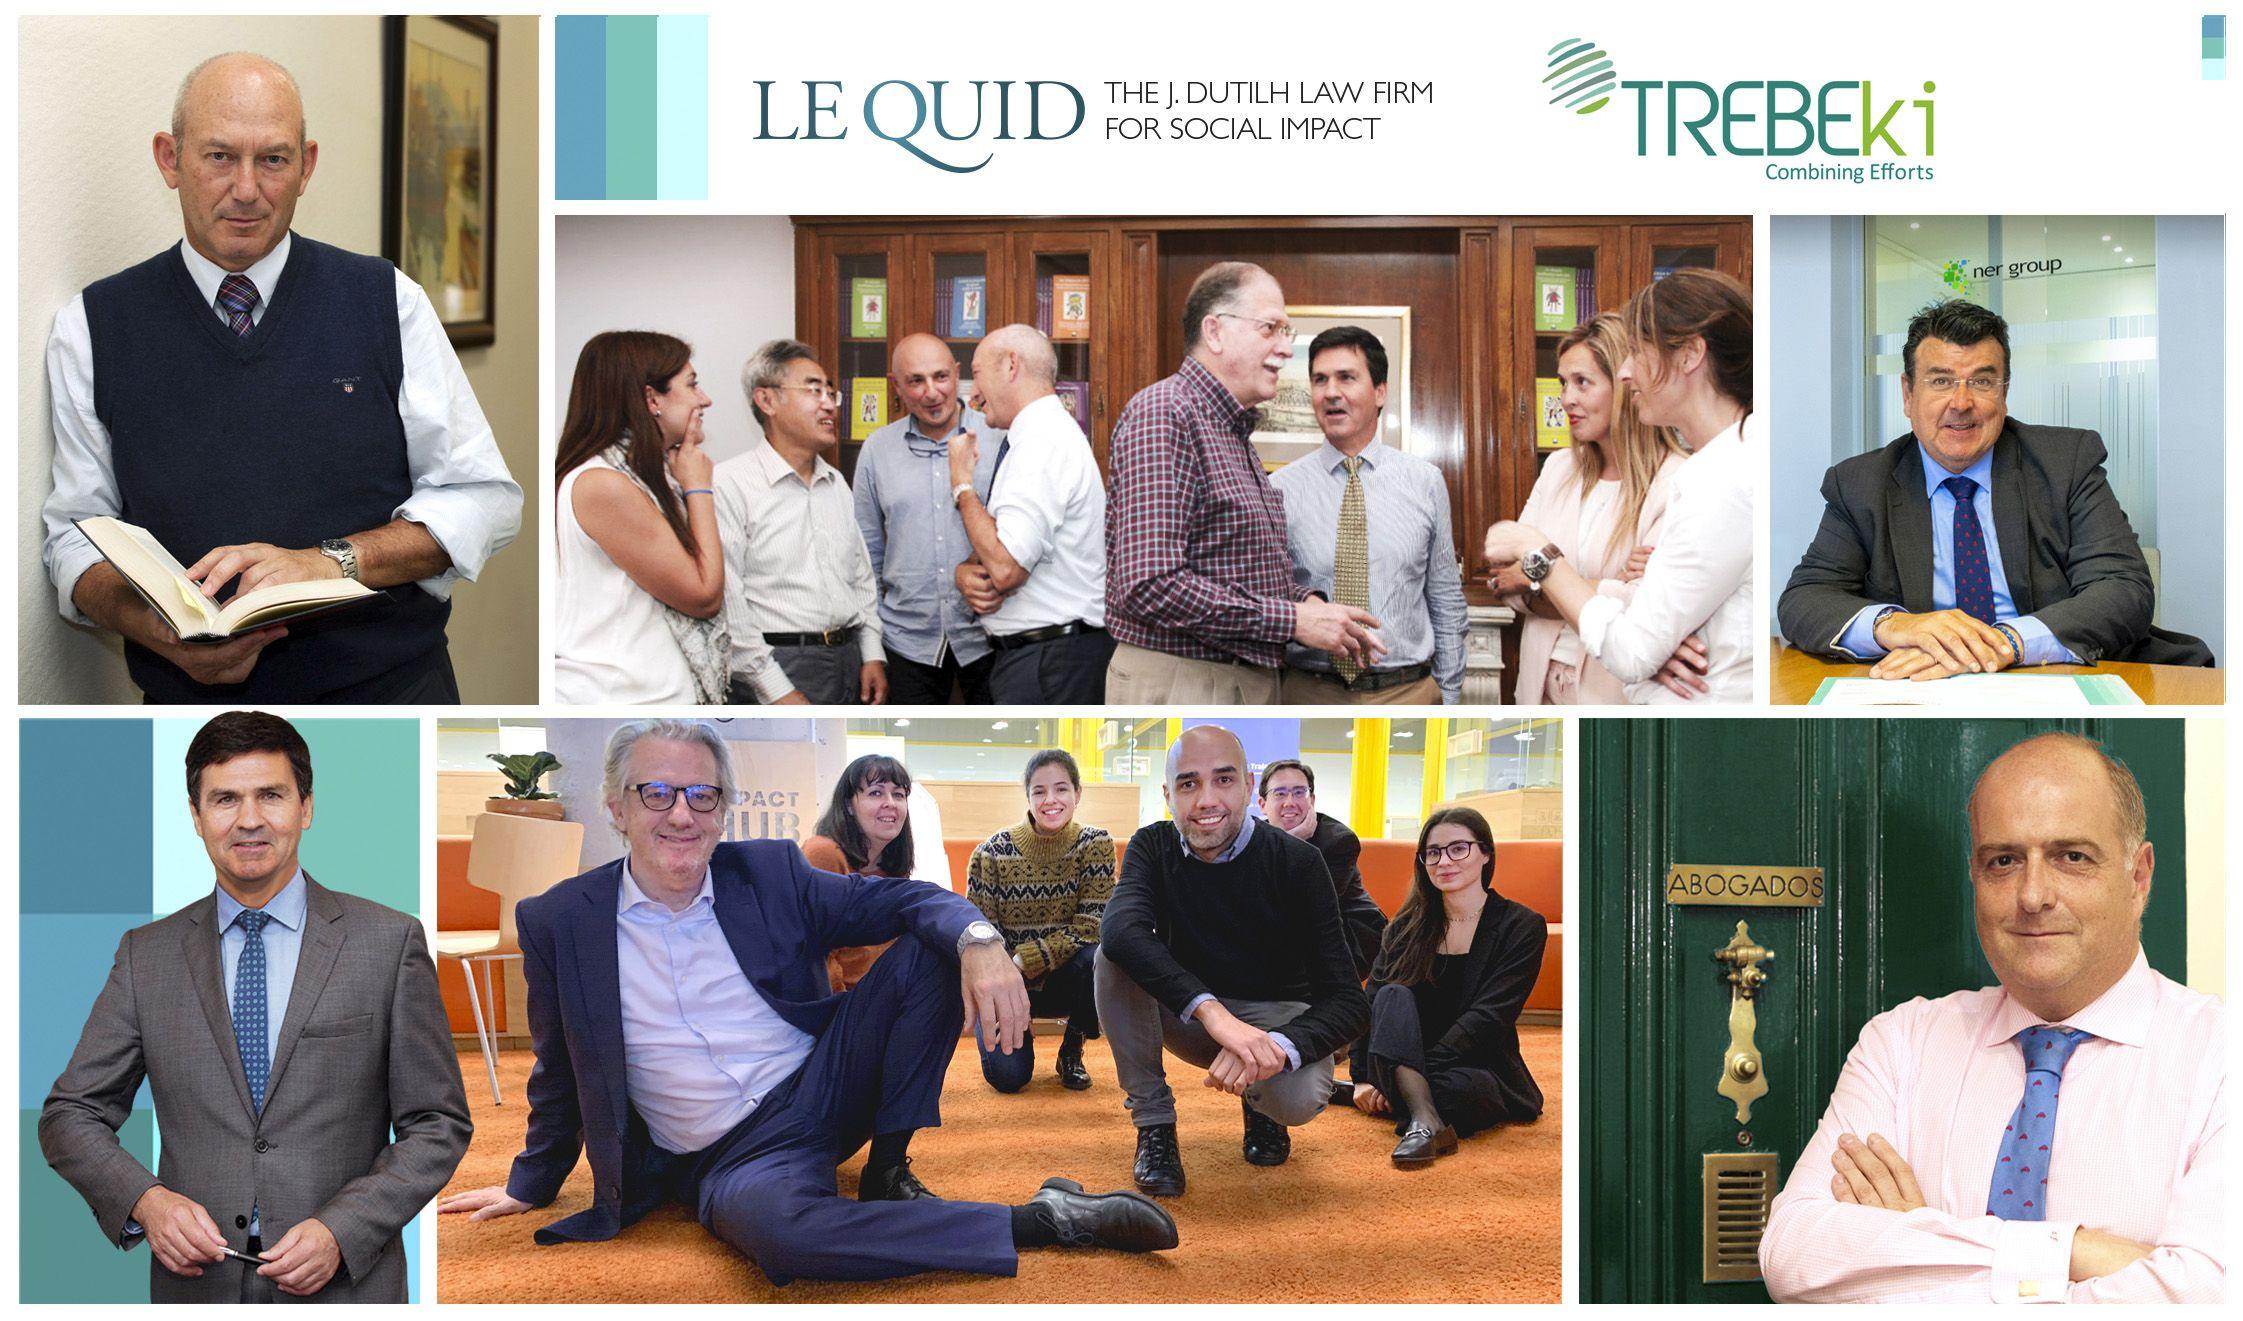 Foto de Trebeki LeQuid, Despacho Jurídico - Mercantil / Gestión